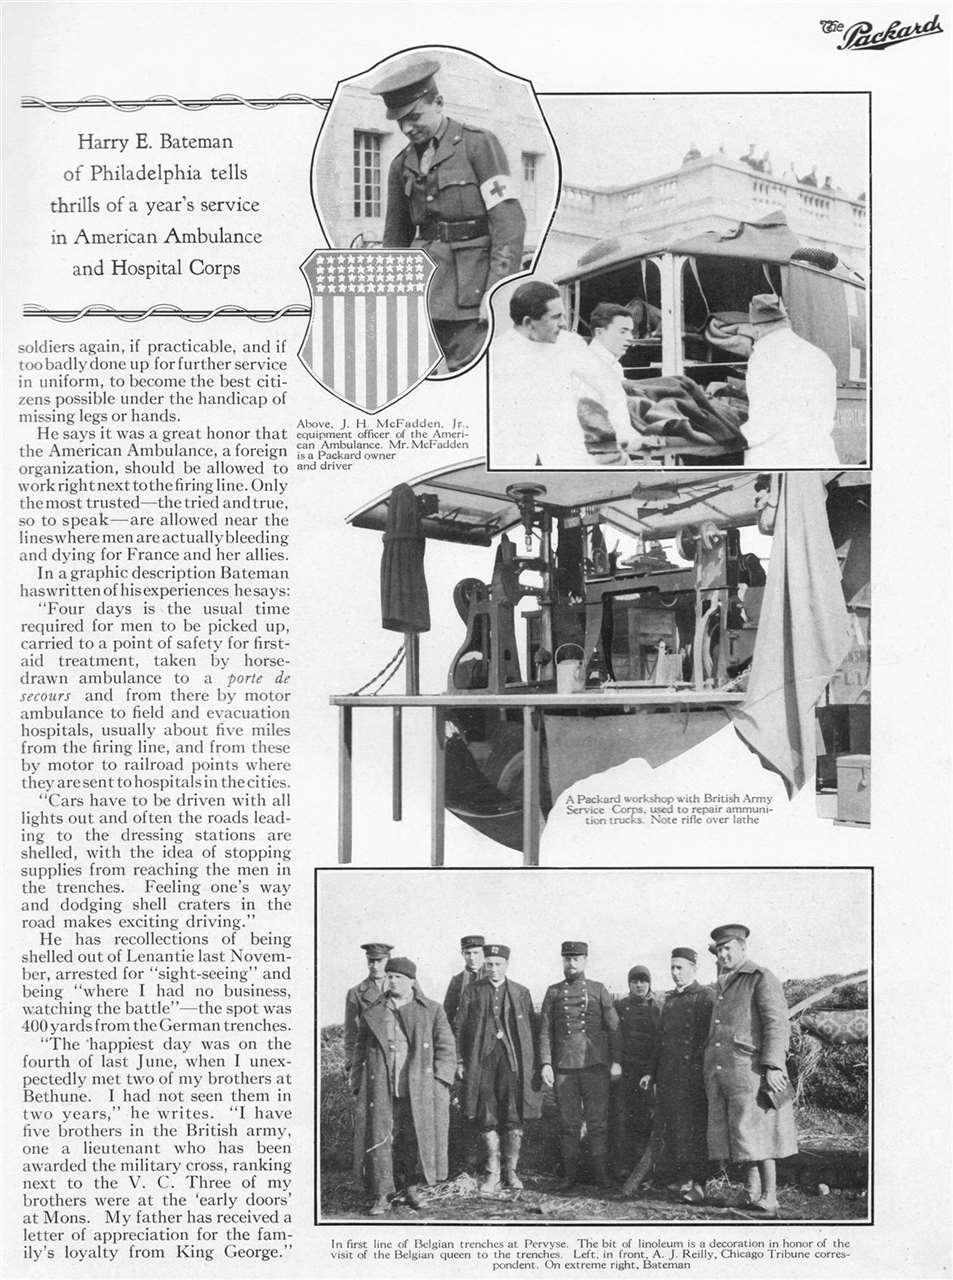 Packard Truck Advert 38